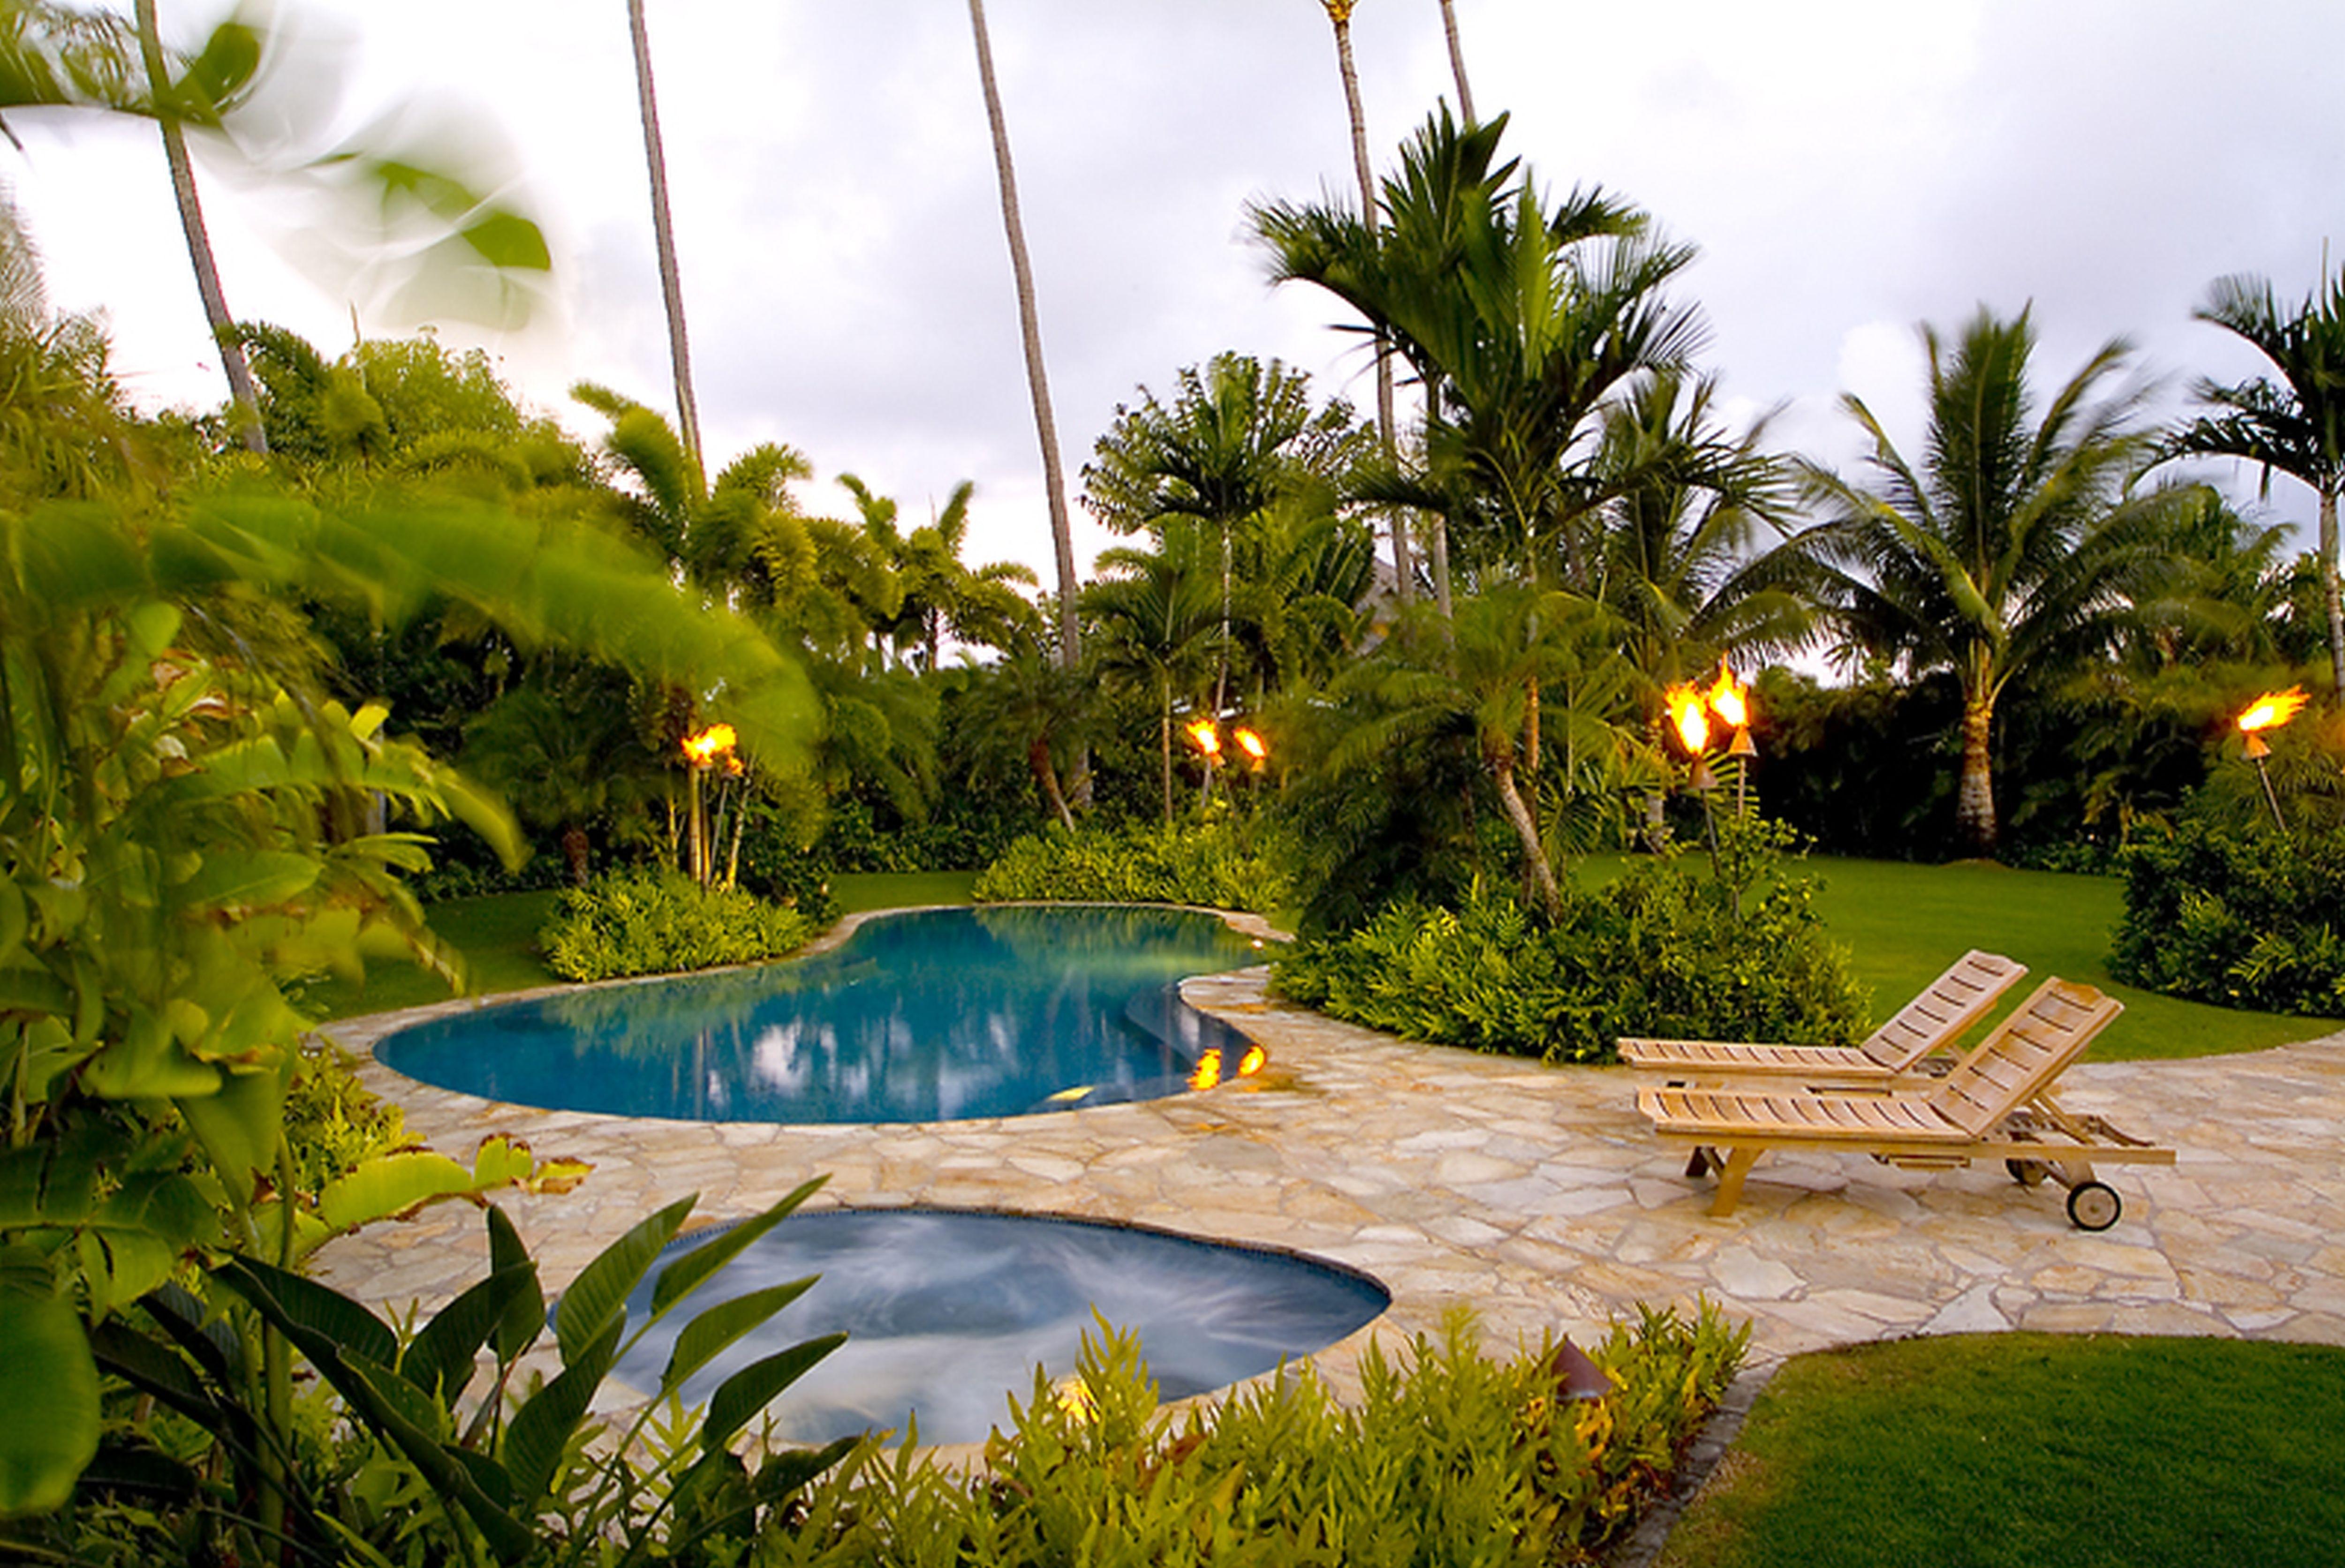 antique endearing backyard landscape design photos build magnificent home tropical landscape